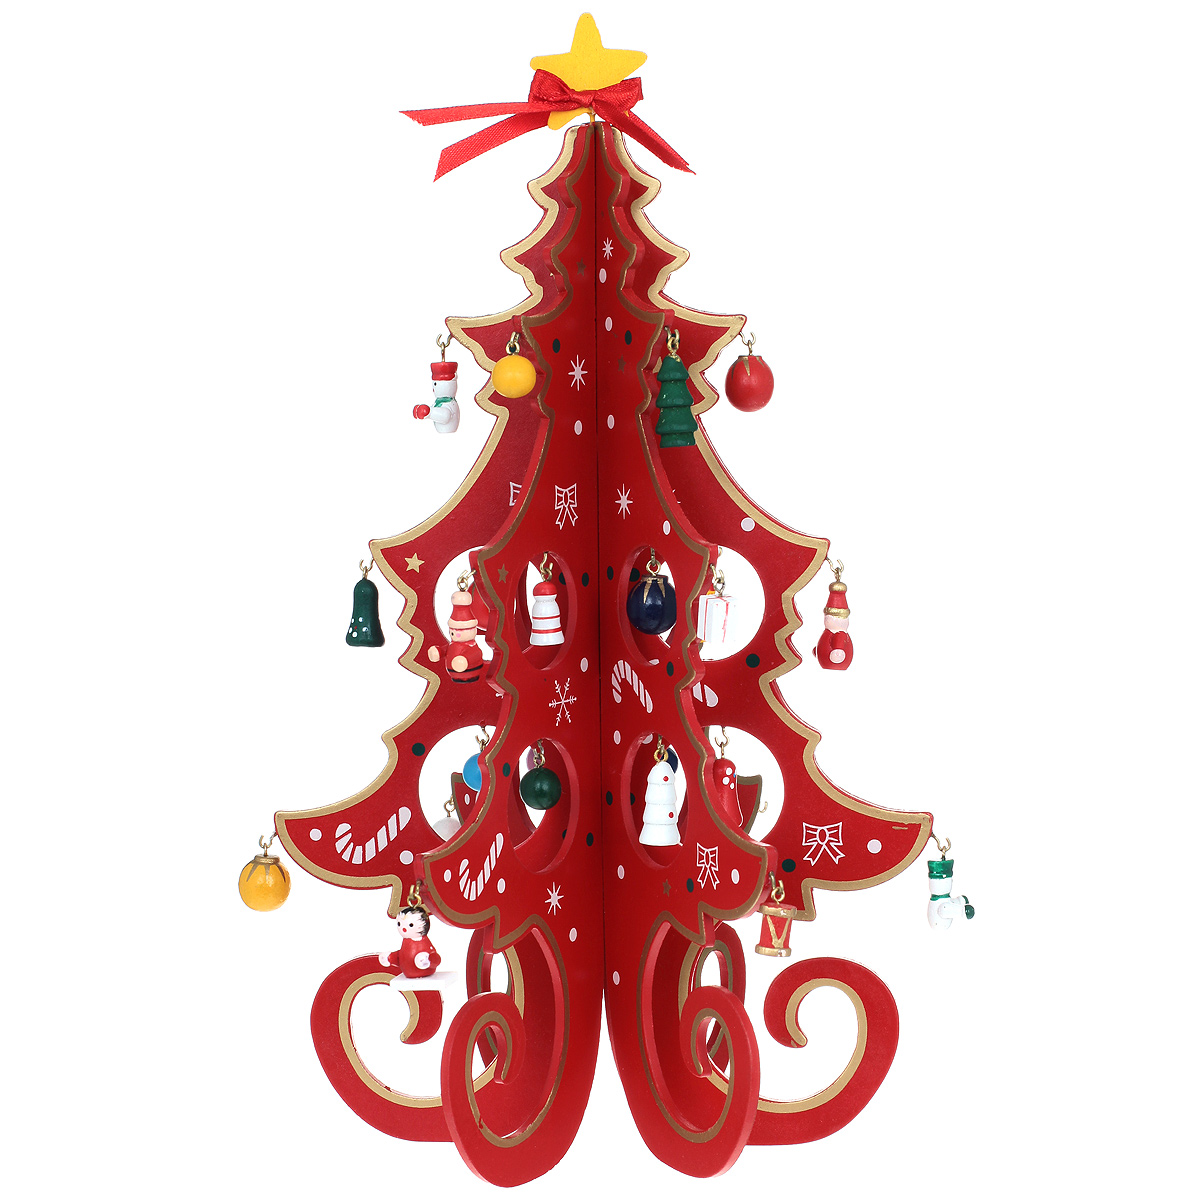 Новогоднее деревянное украшение Новогодняя елка, цвет: красный. 2616726167Новогоднее деревянное украшение Новогодняя елка гармонично впишется в праздничный интерьер вашего дома или офиса. Украшение выполнено из дерева в виде елки зеленого цвета, которая устанавливается на круглую подставку. Изделие оснащено музыкальным устройством, которое играет мелодию М.И. Красева к песне Маленькой елочке холодно зимой. Музыкальное устройство оснащено заводным механизмом, которое располагается на дне. На елке имеются металлические крючки, на которые подвешиваются маленькие деревянные игрушки (входящие в комплект). Сверху елочку украшает желтая звезда с красной текстильной ленточкой. Новогодние украшения всегда несут в себе волшебство и красоту праздника. Создайте в своем доме атмосферу тепла, веселья и радости, украшая его всей семьей.